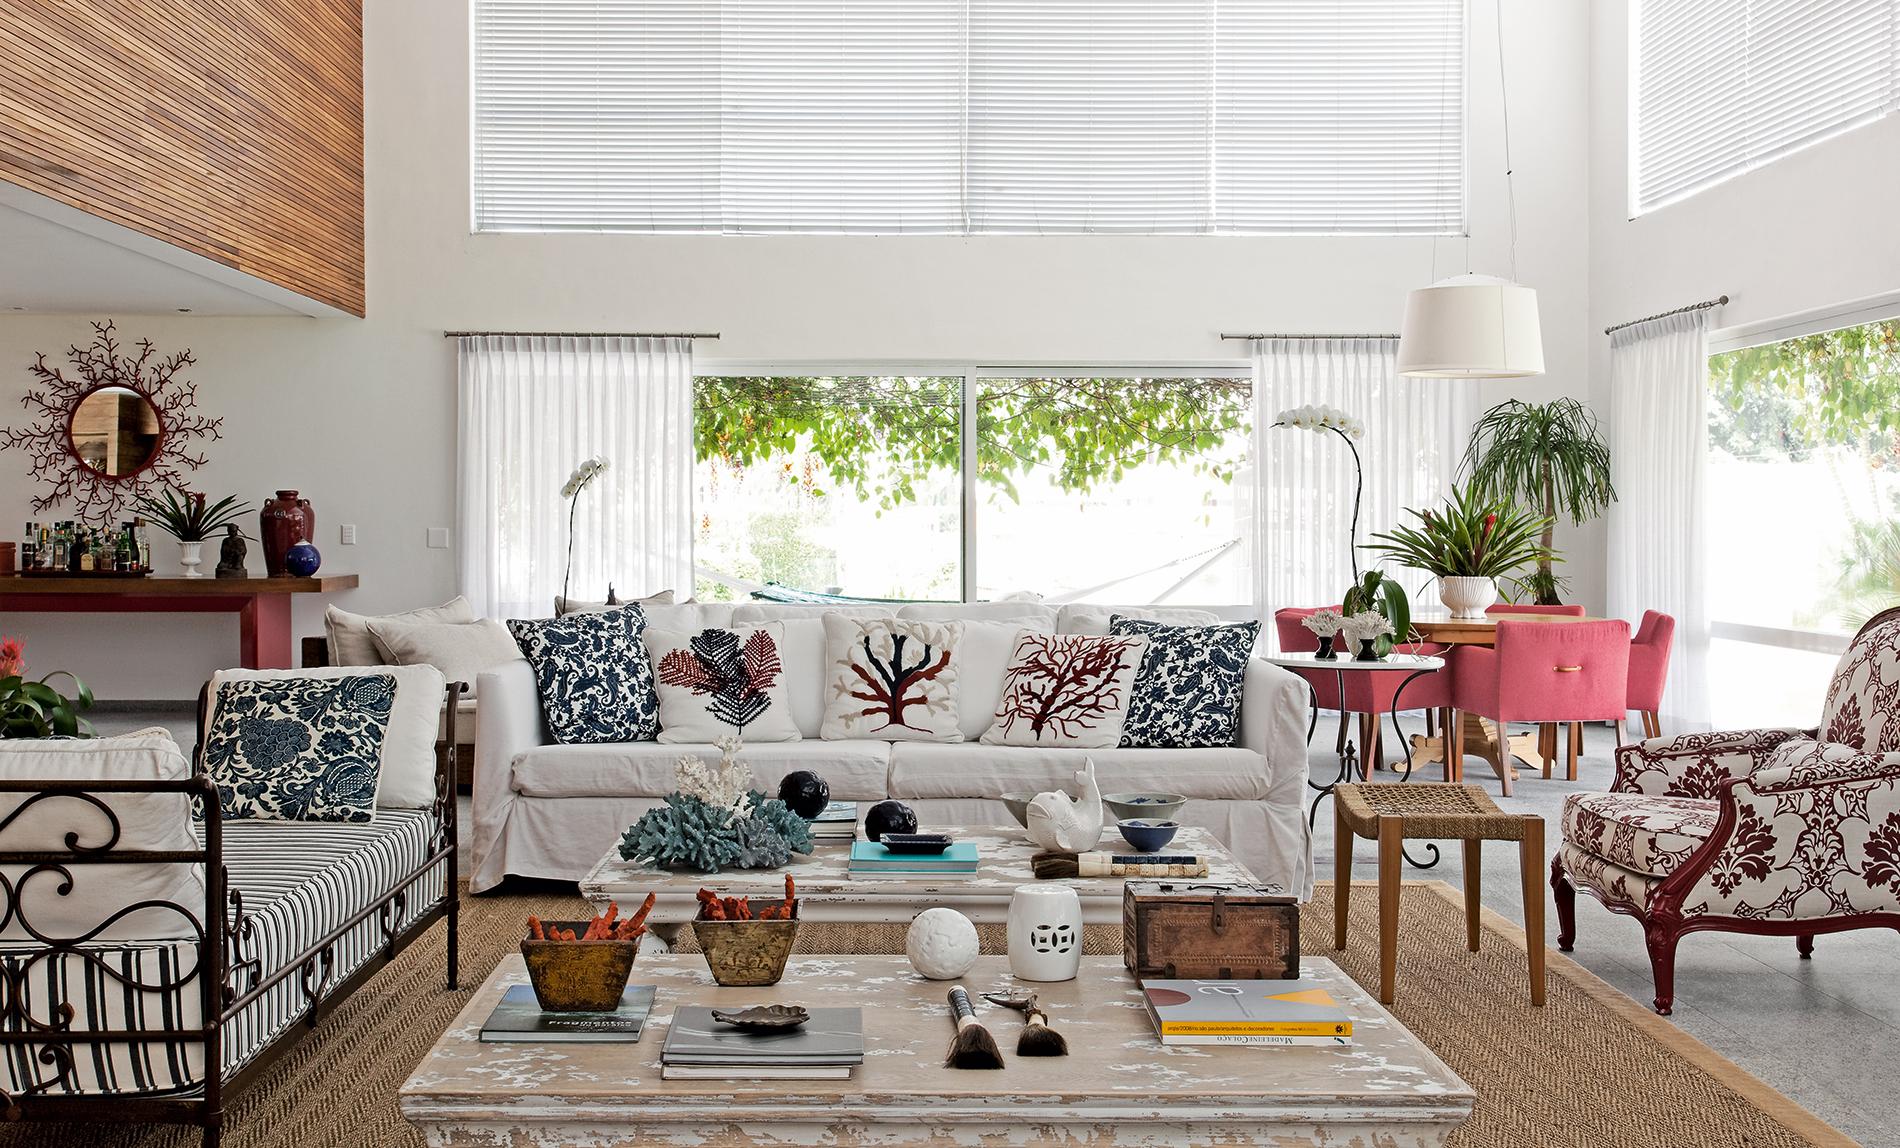 #9E6B2D Another Image For para dar dicas de como decorar sua casa com  1900x1148 píxeis em Como Decorar Uma Suite